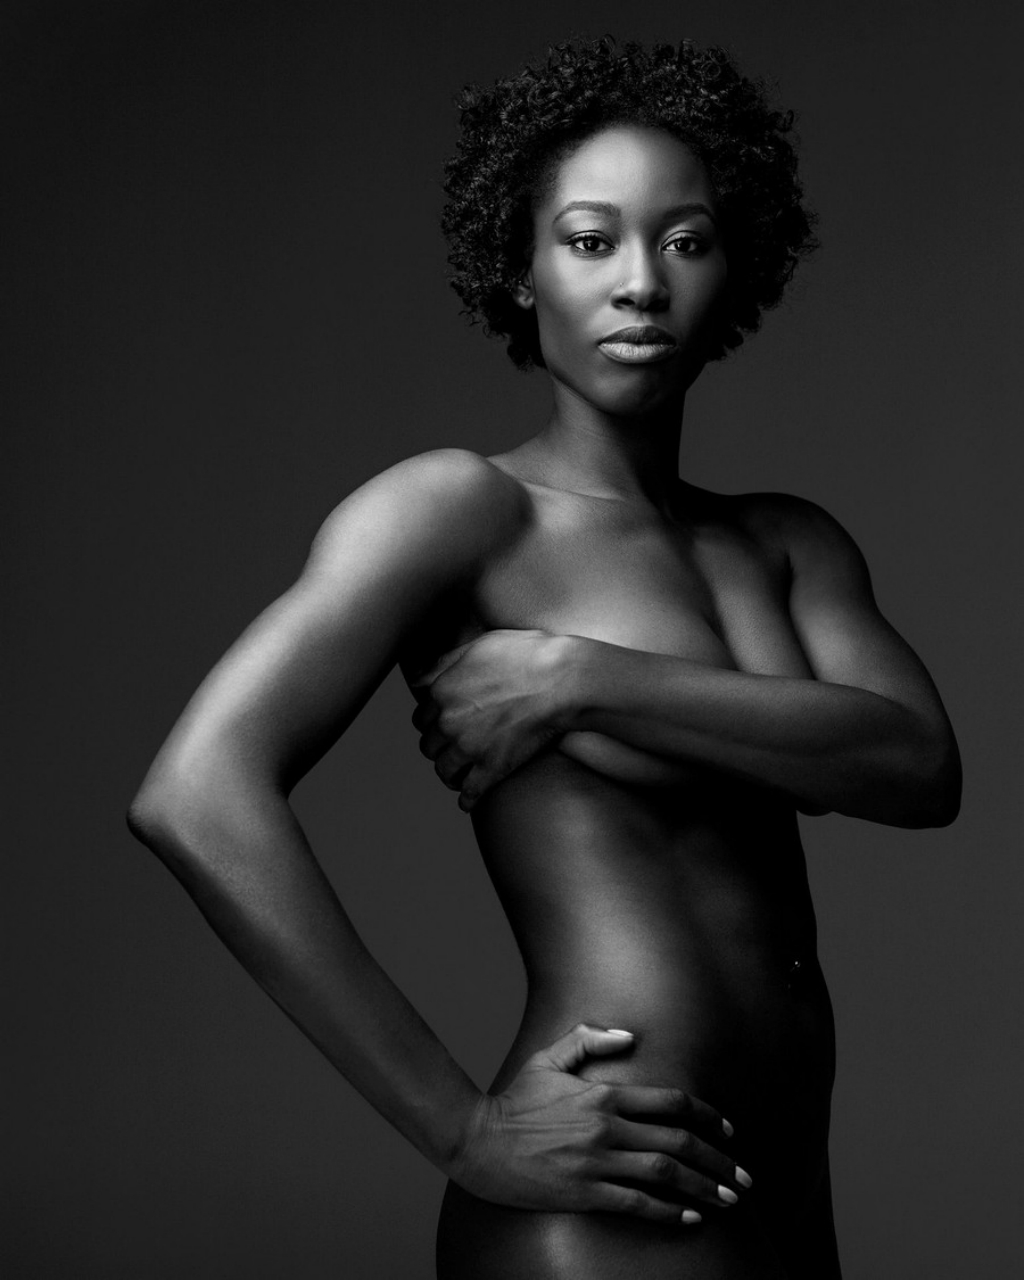 Фото голых девушек спортивного телосложения 28 фотография